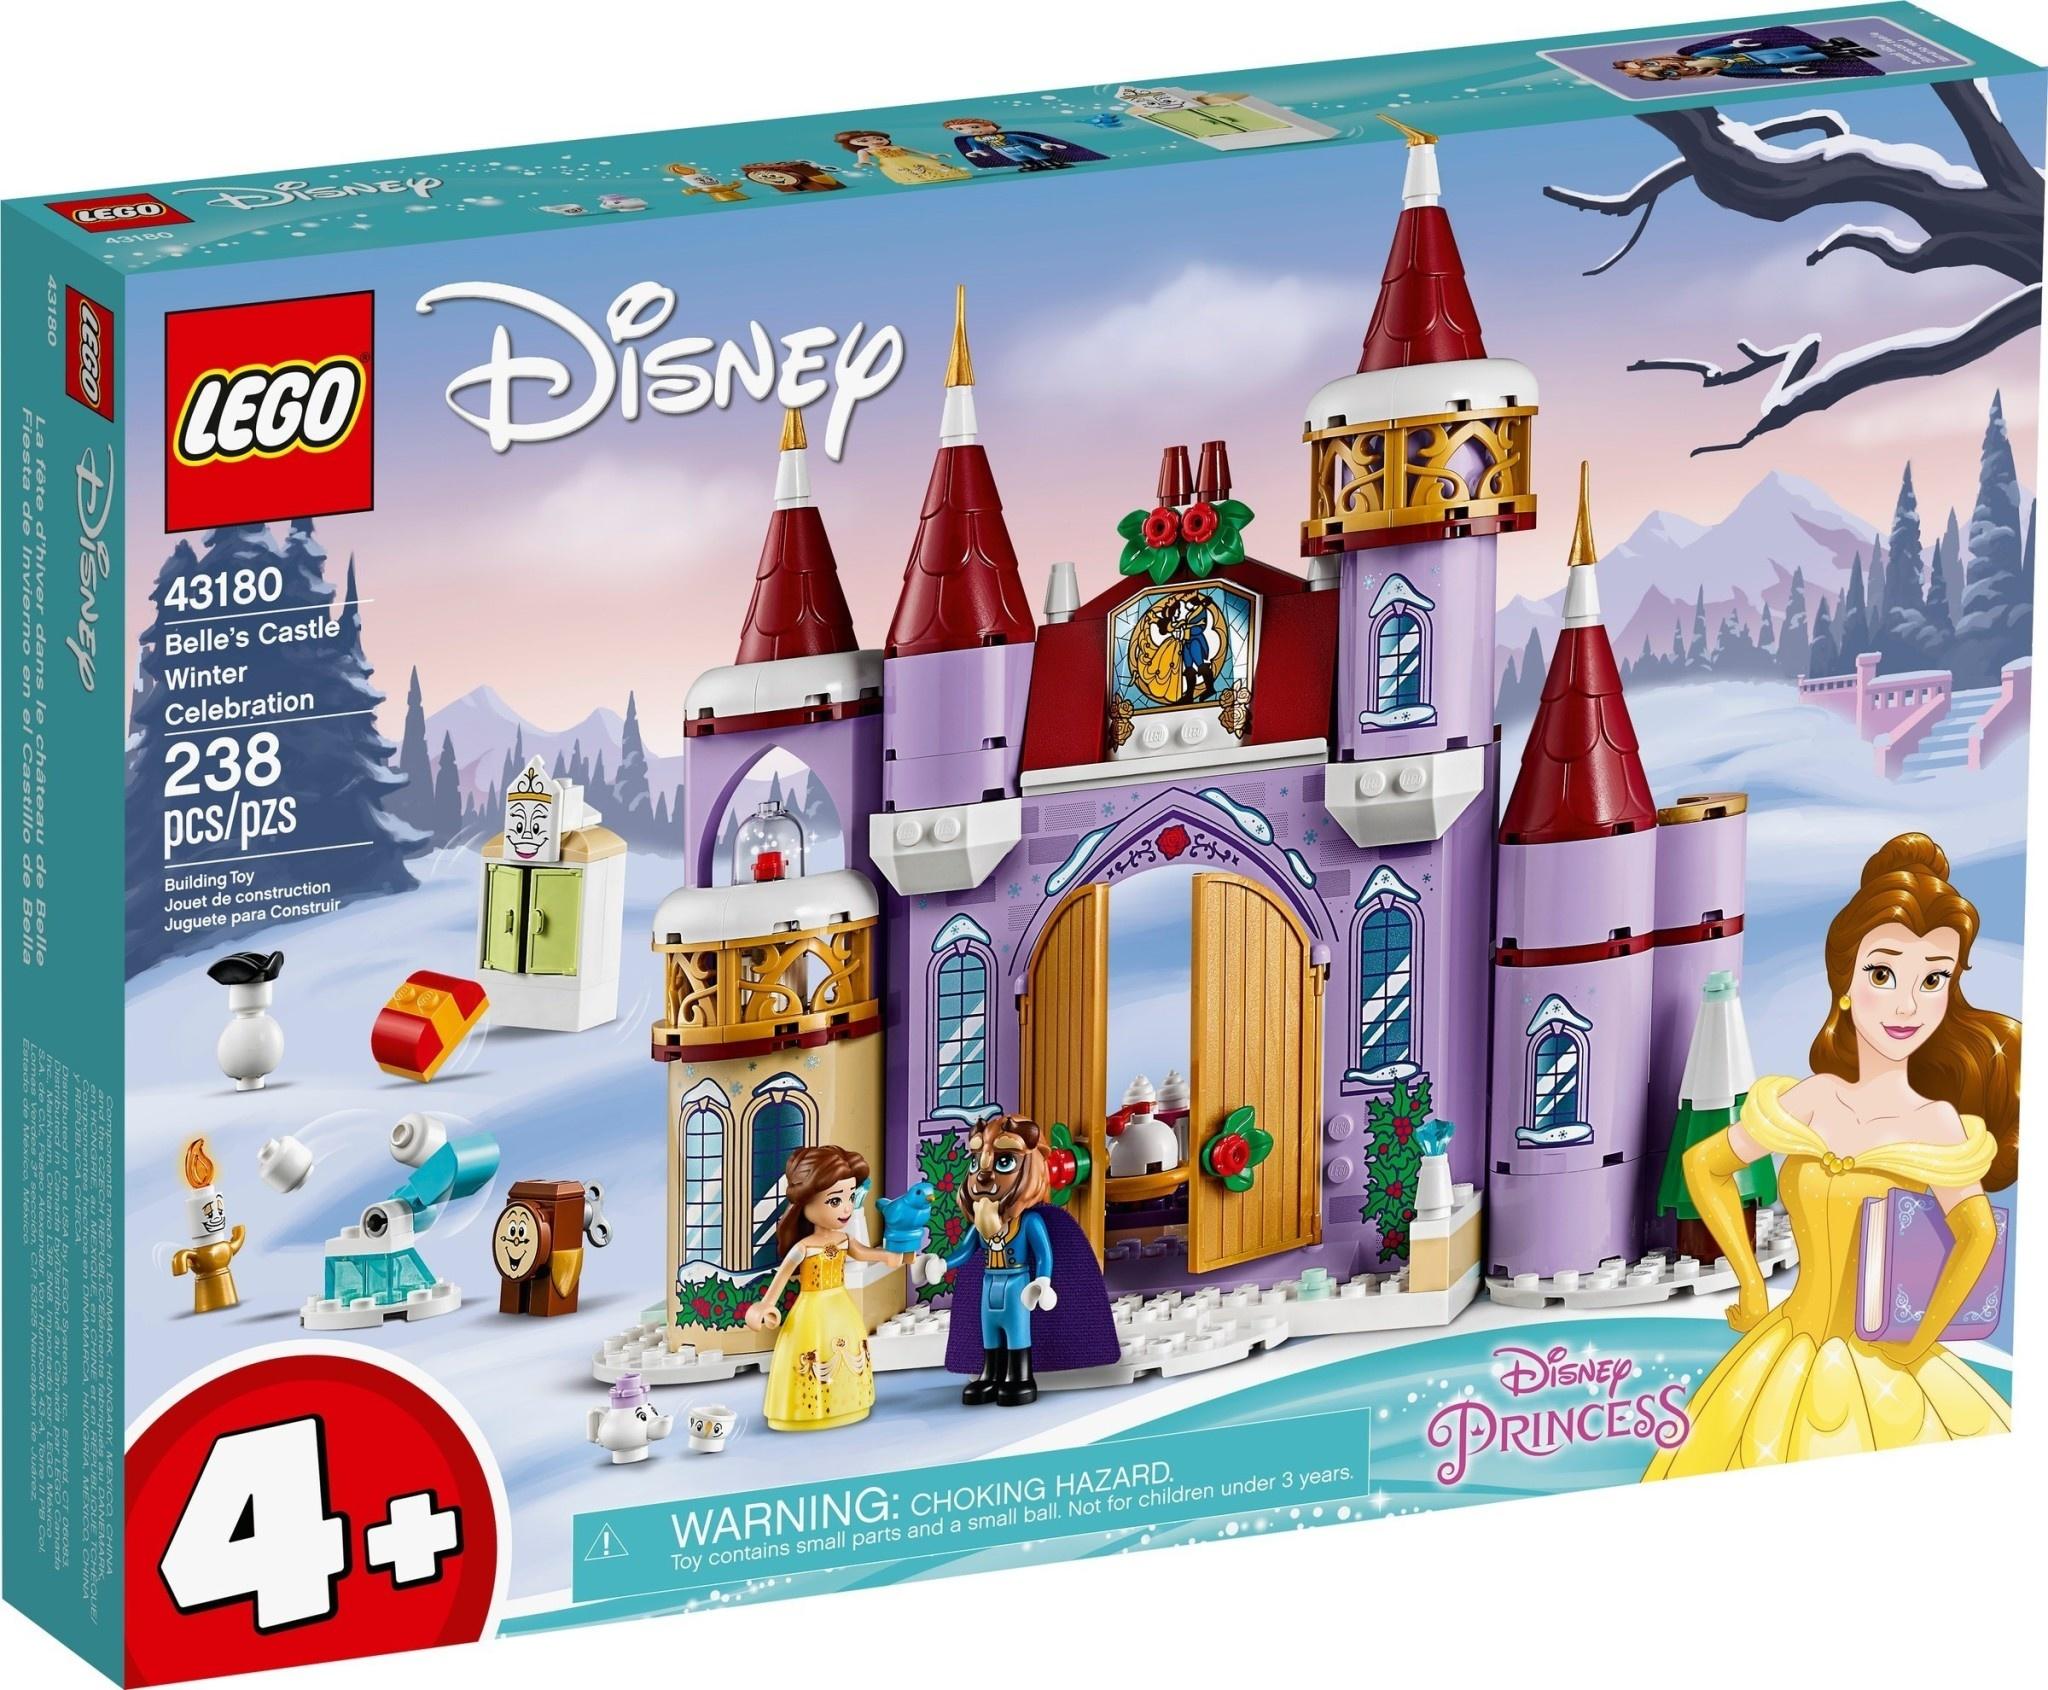 43180 Belle's Castle Winter Celebration by LEGO Disney